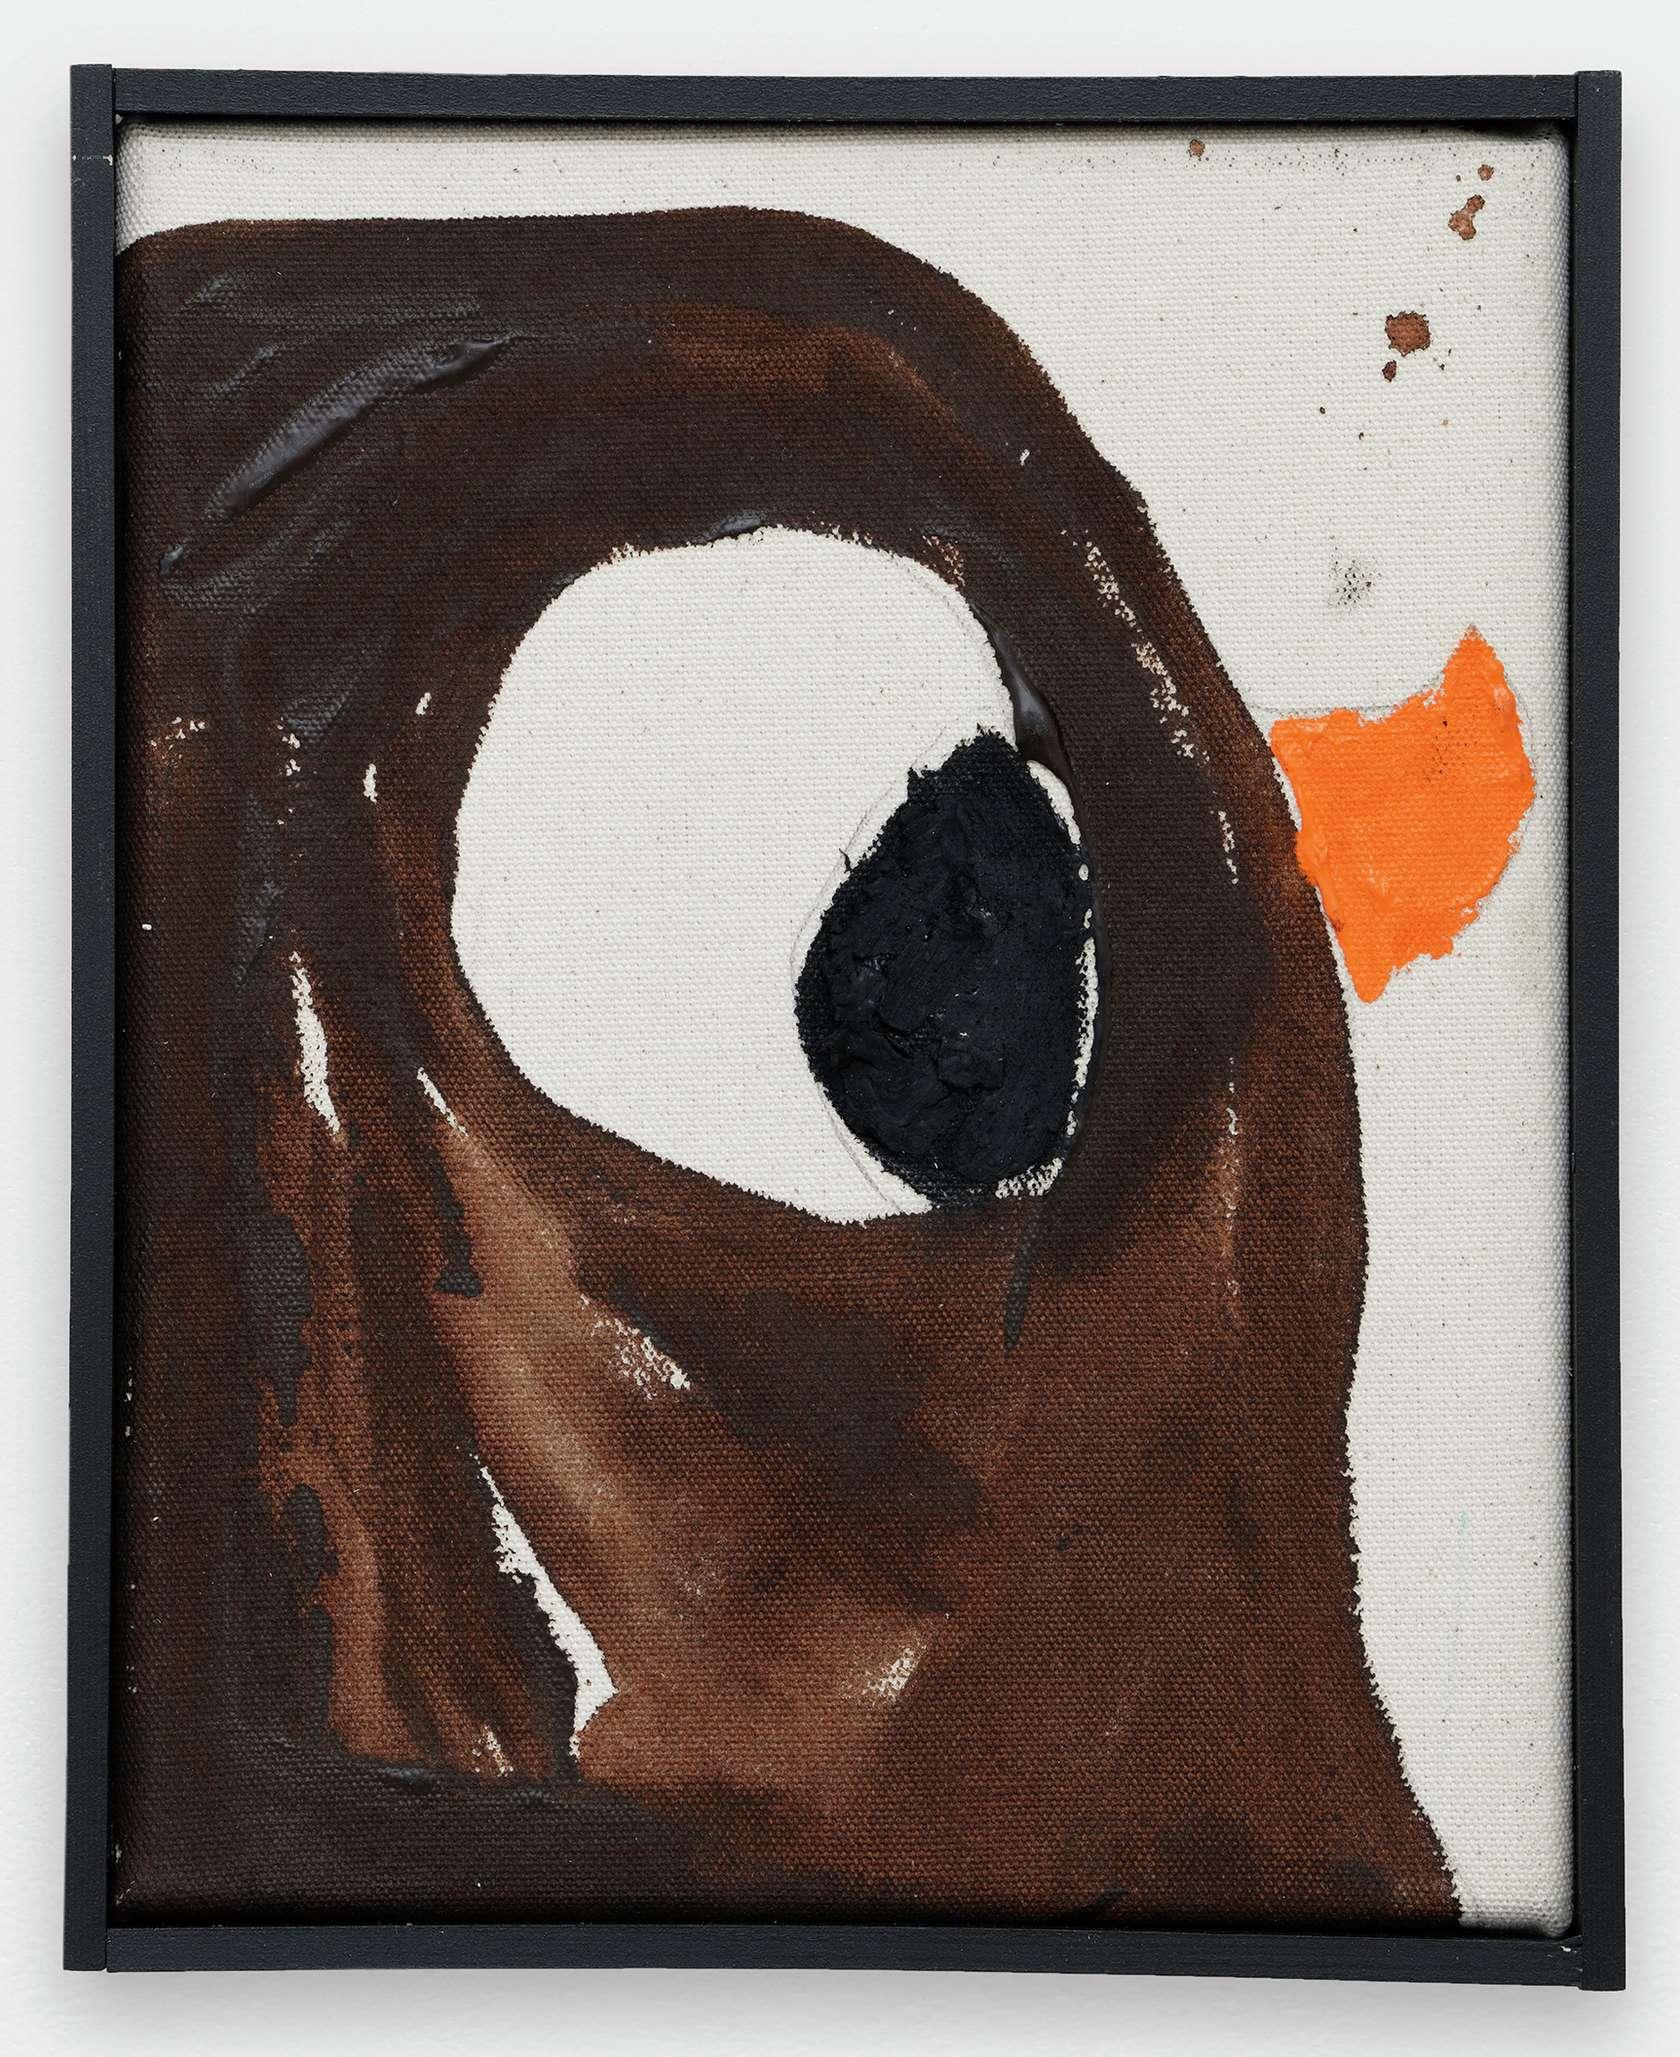 Szabolcs Bozó, James, 2020 Acrylique et pastel sur toile25 × 20 cm / 9 7/8 × 7 7/8 in.